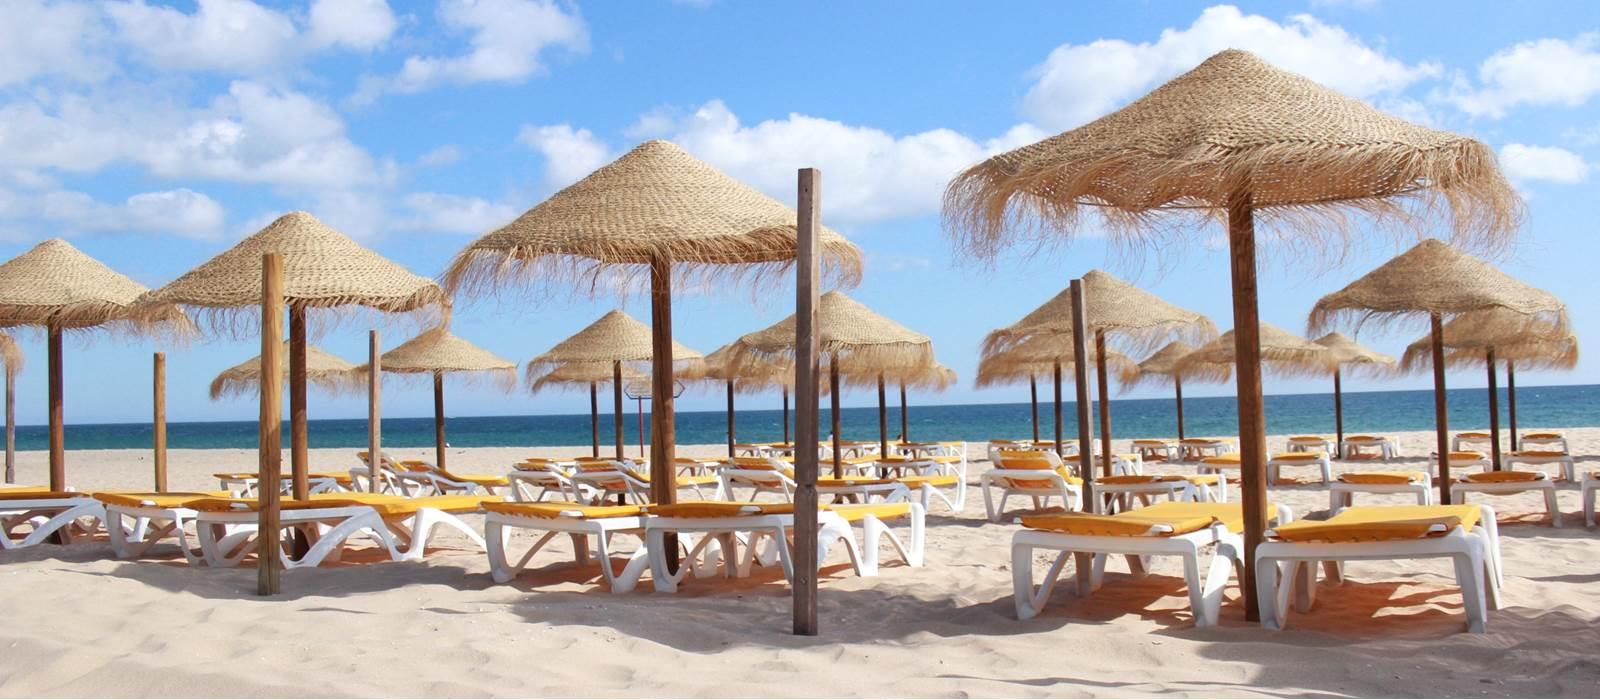 Image result for algarve photos beach